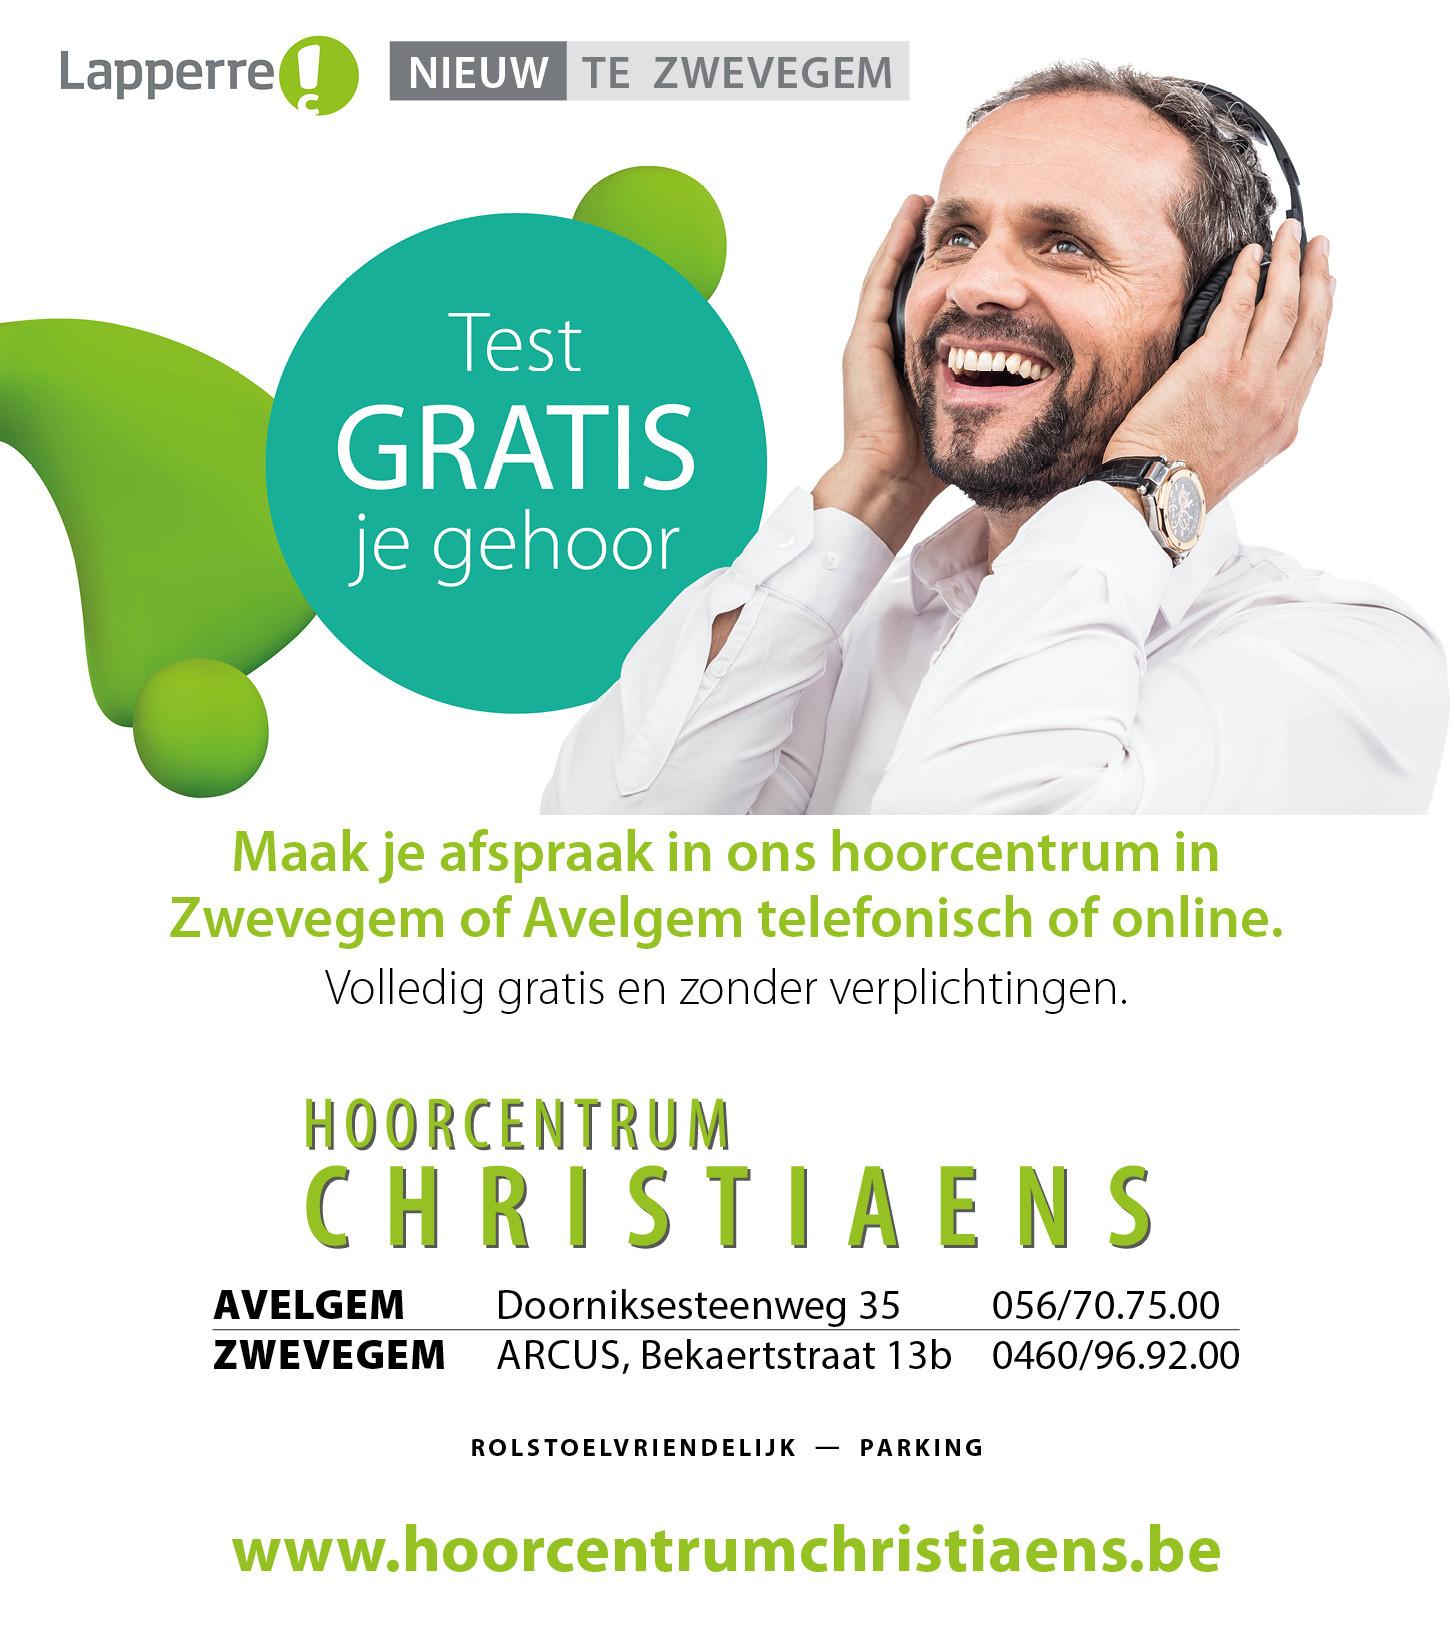 christiaens_hoorcentrum_avelgem_maart_2019.jpg